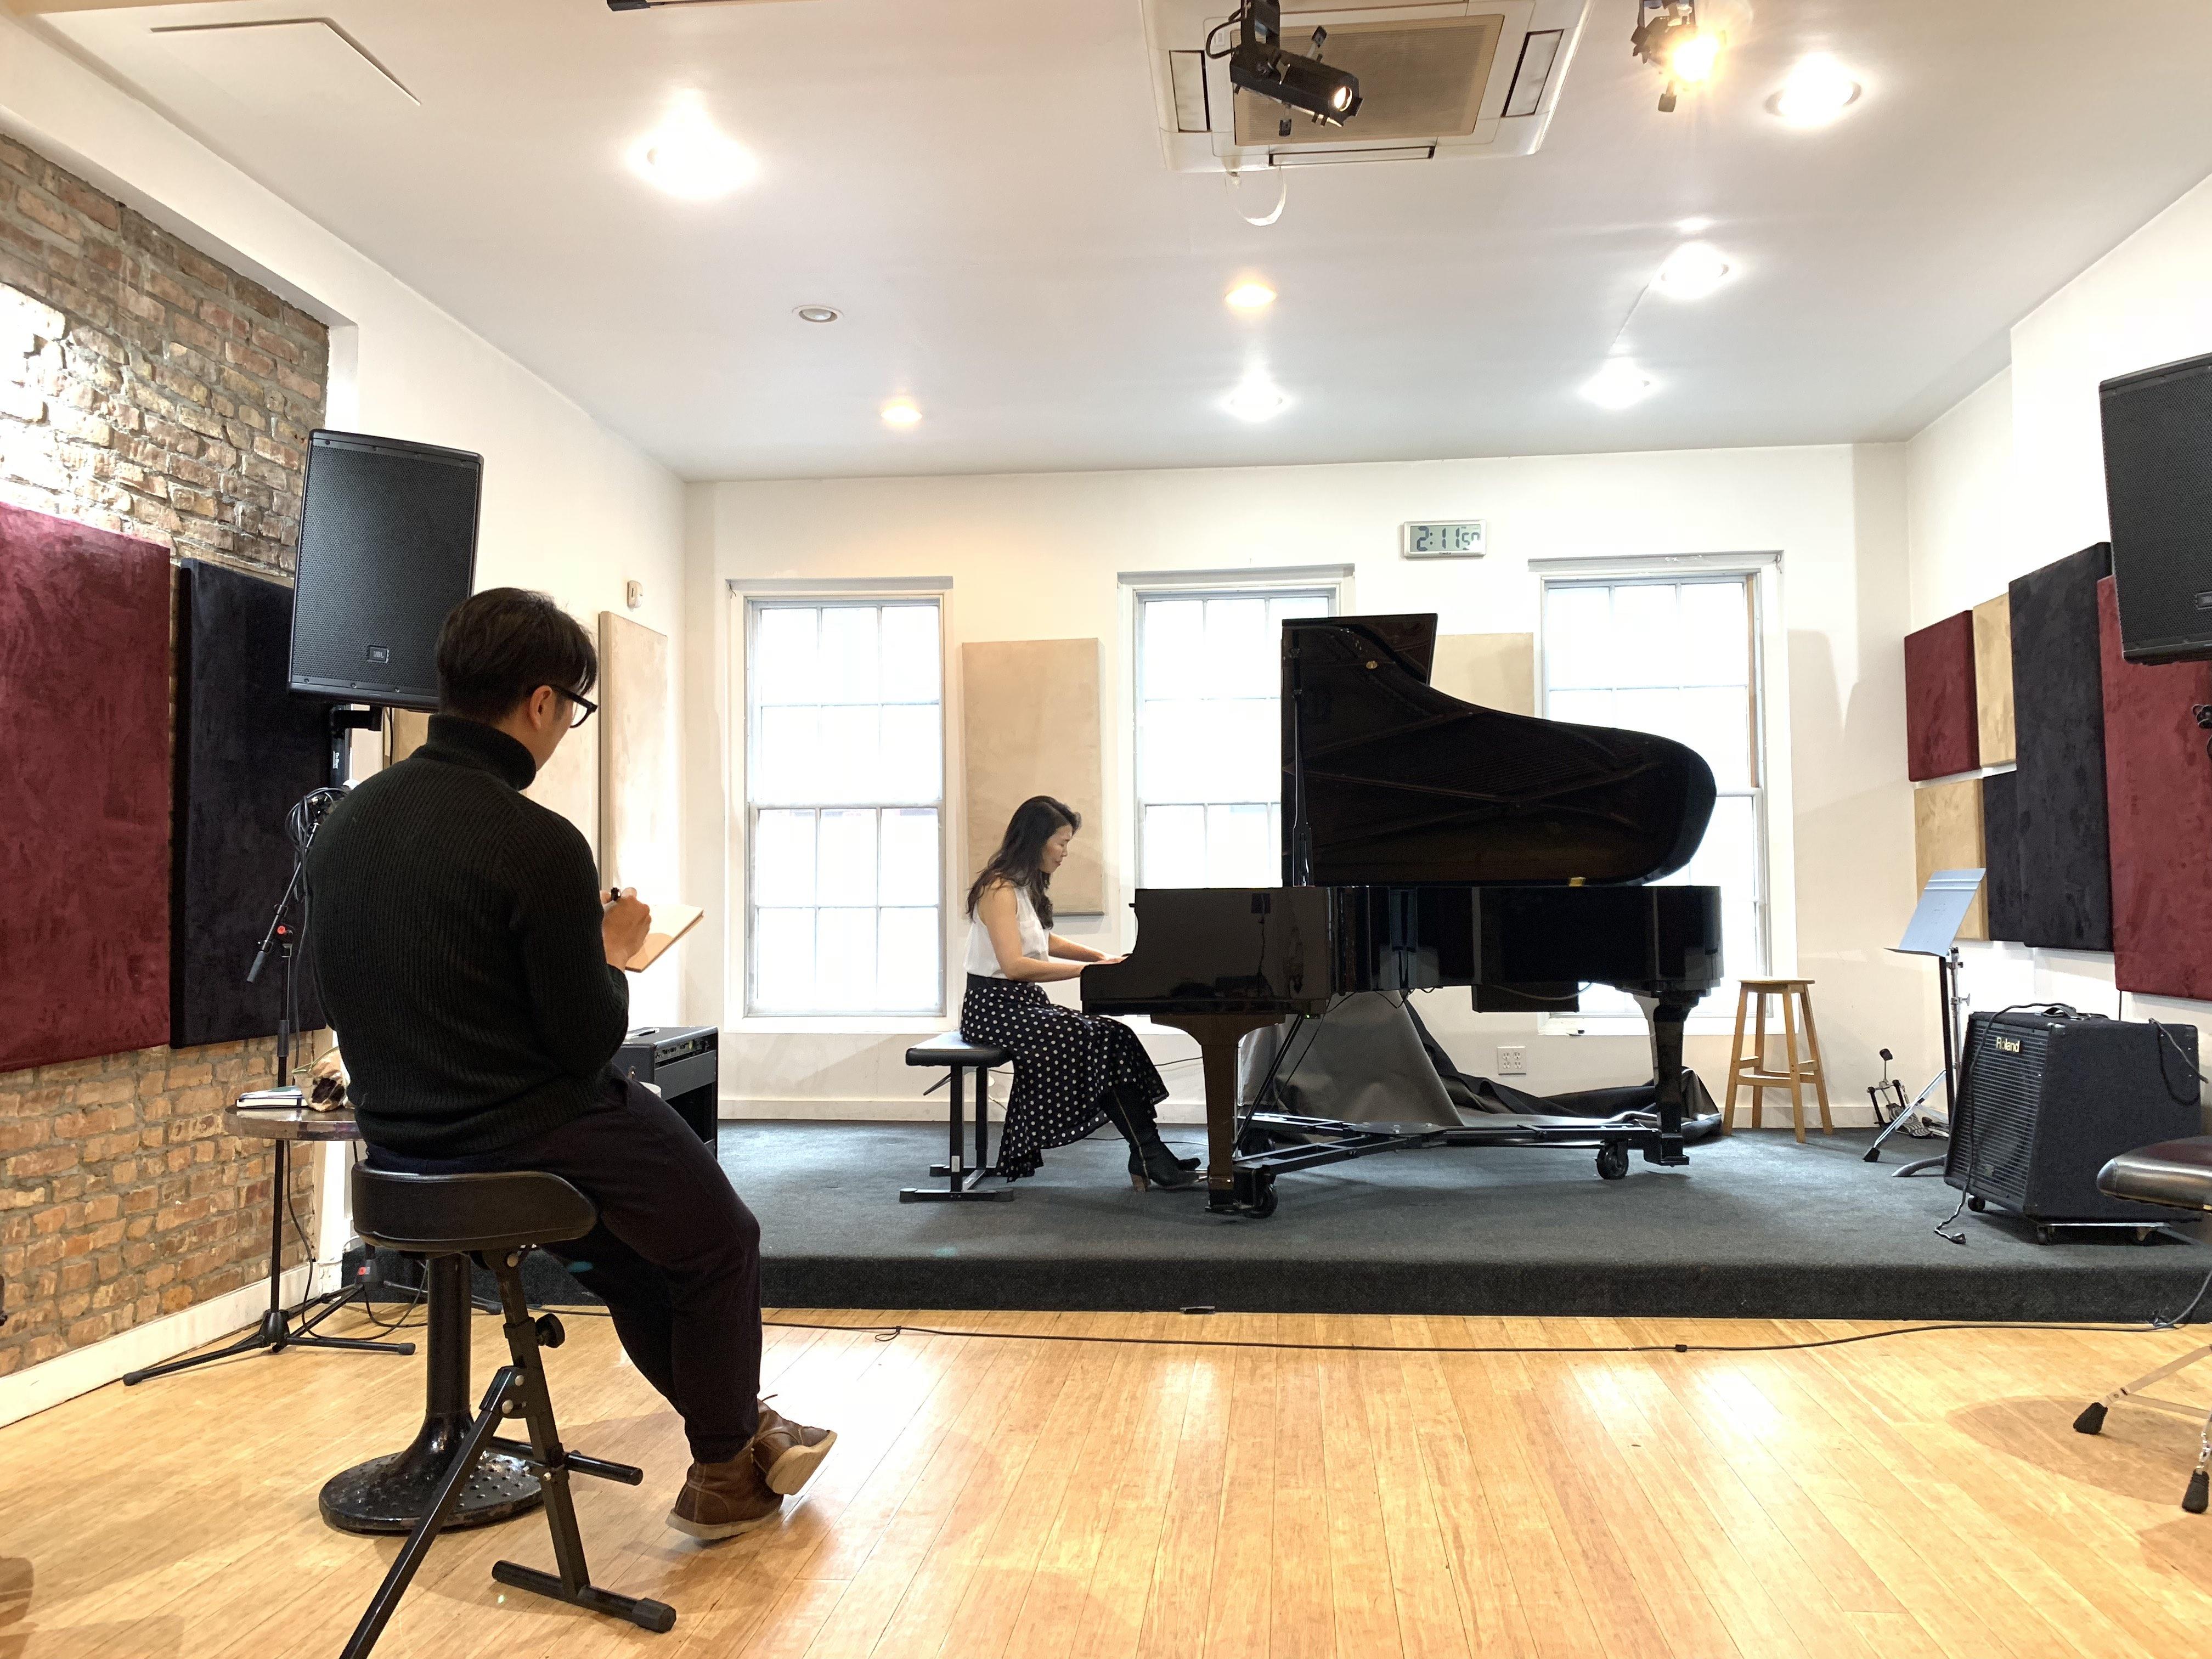 Moonsub Shin sketches to Jeeyoon Kim's piano solos.